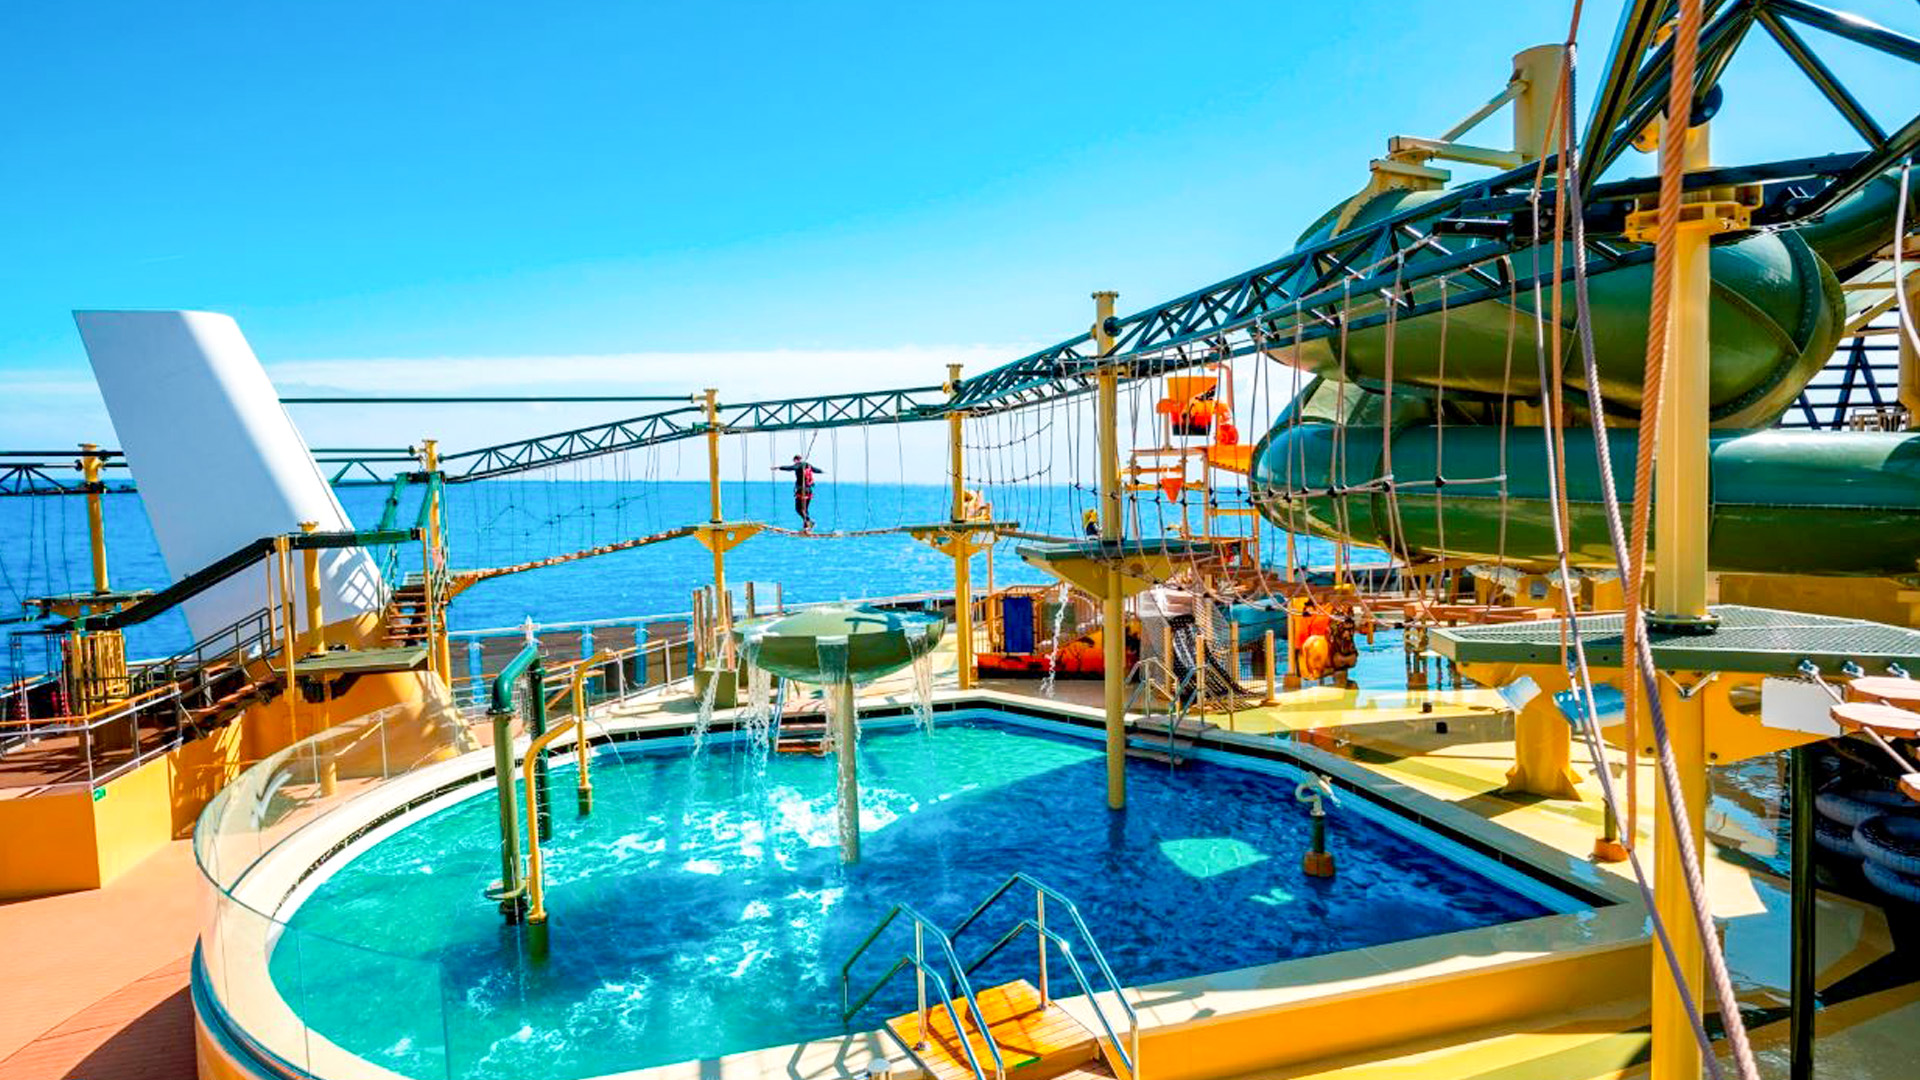 ميناء راشد في دبي Dubai يستعد لاستضافة مراسم إطلاق أحدث سفن أسطول إم إس سي كروزس